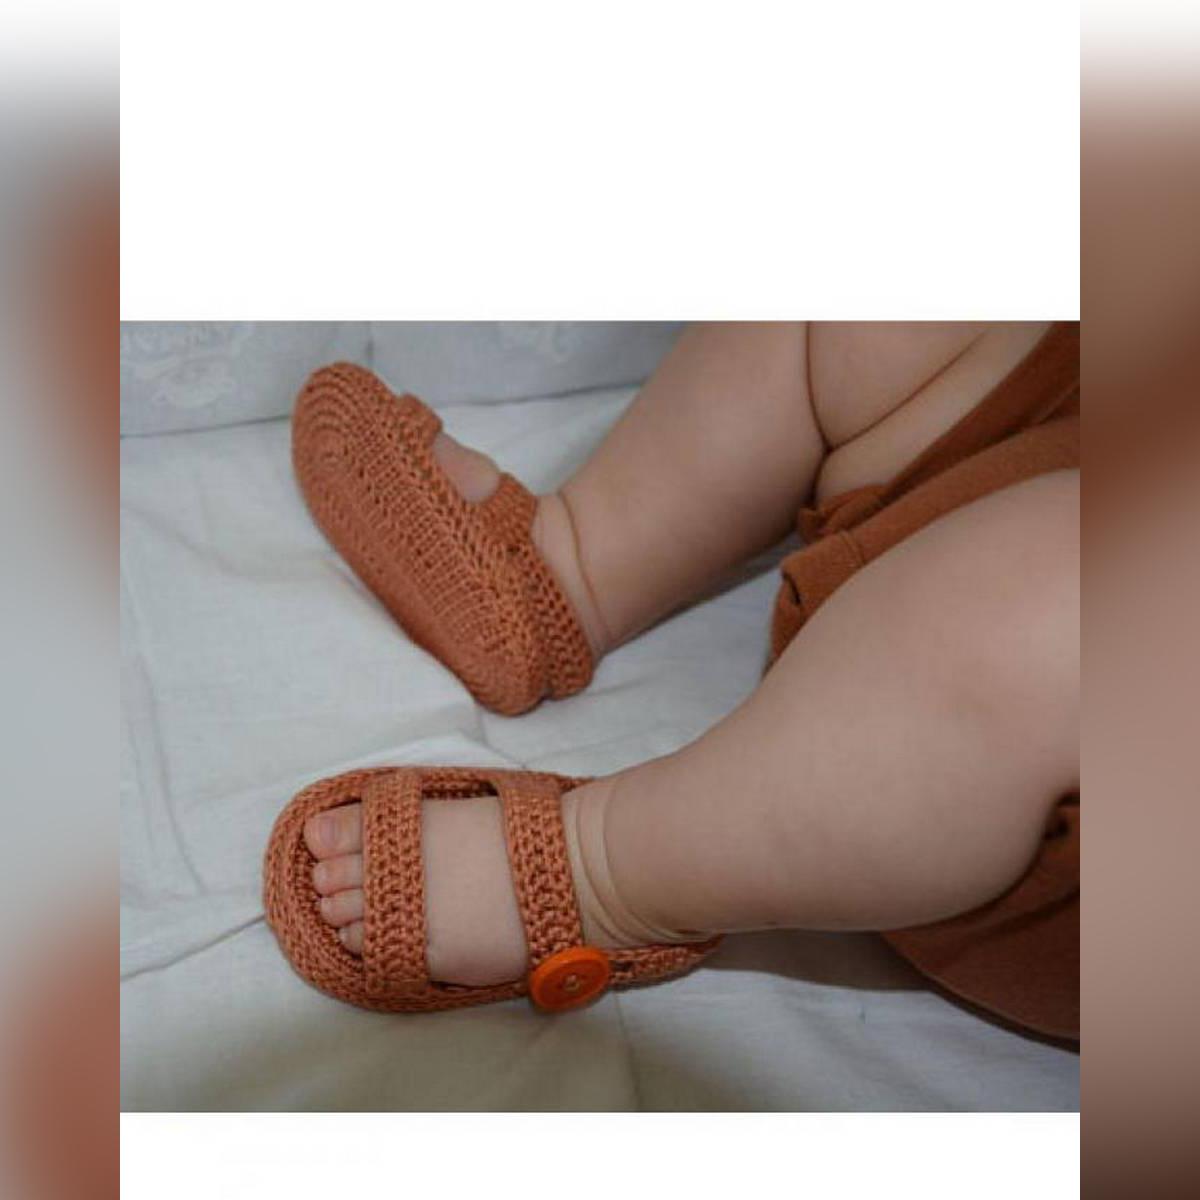 Mature Look Woolen Handmade Crochet Baby Summer Sandal